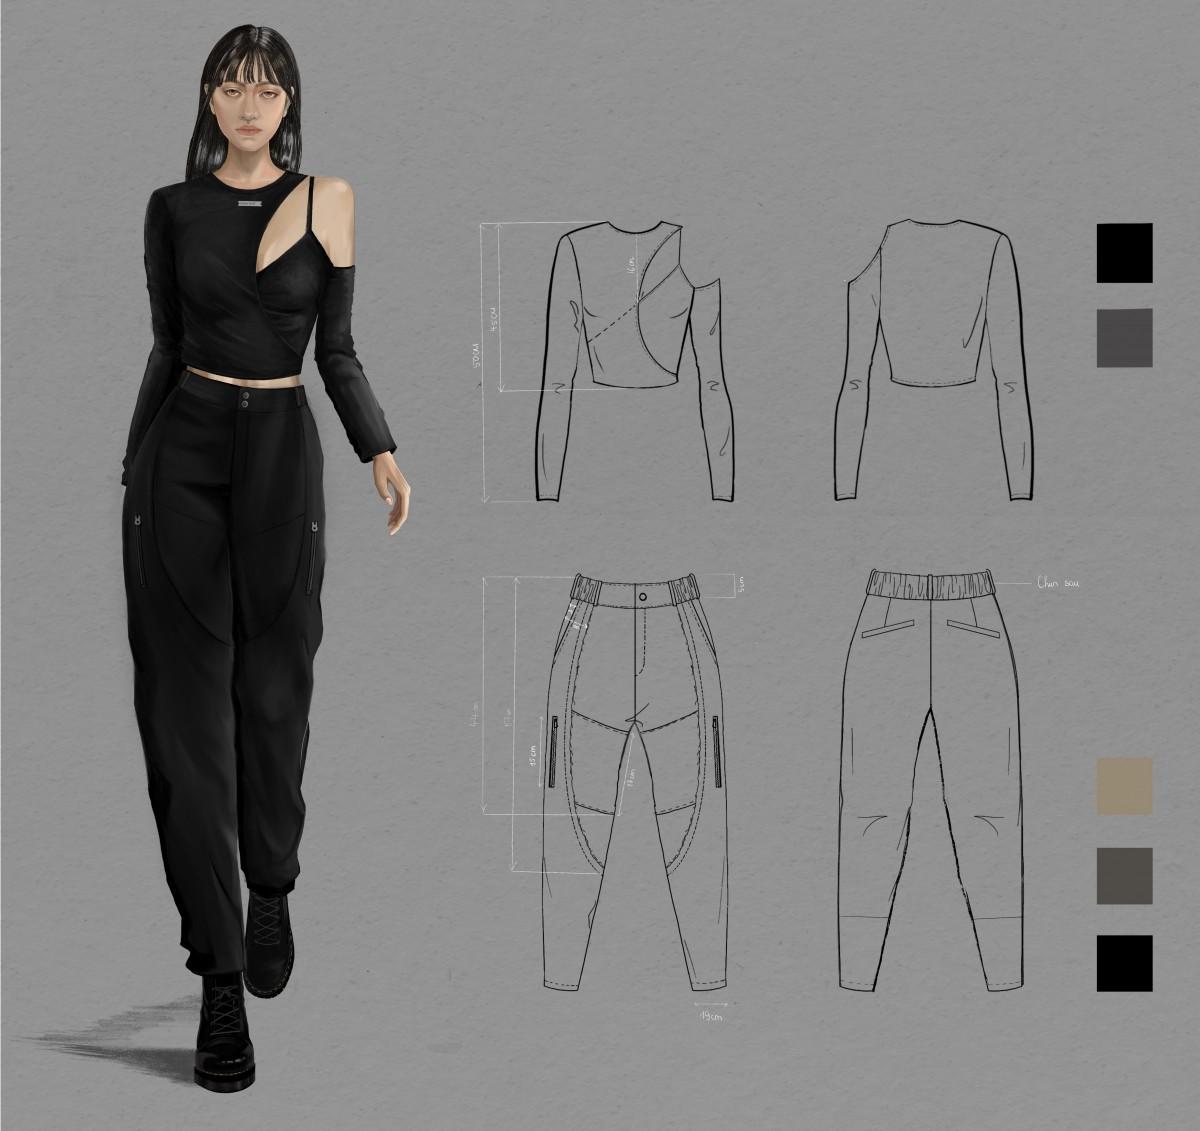 Tìm kiếm Graphic Designer (Ưu tiên nữ) làm việc tại Hà Nội